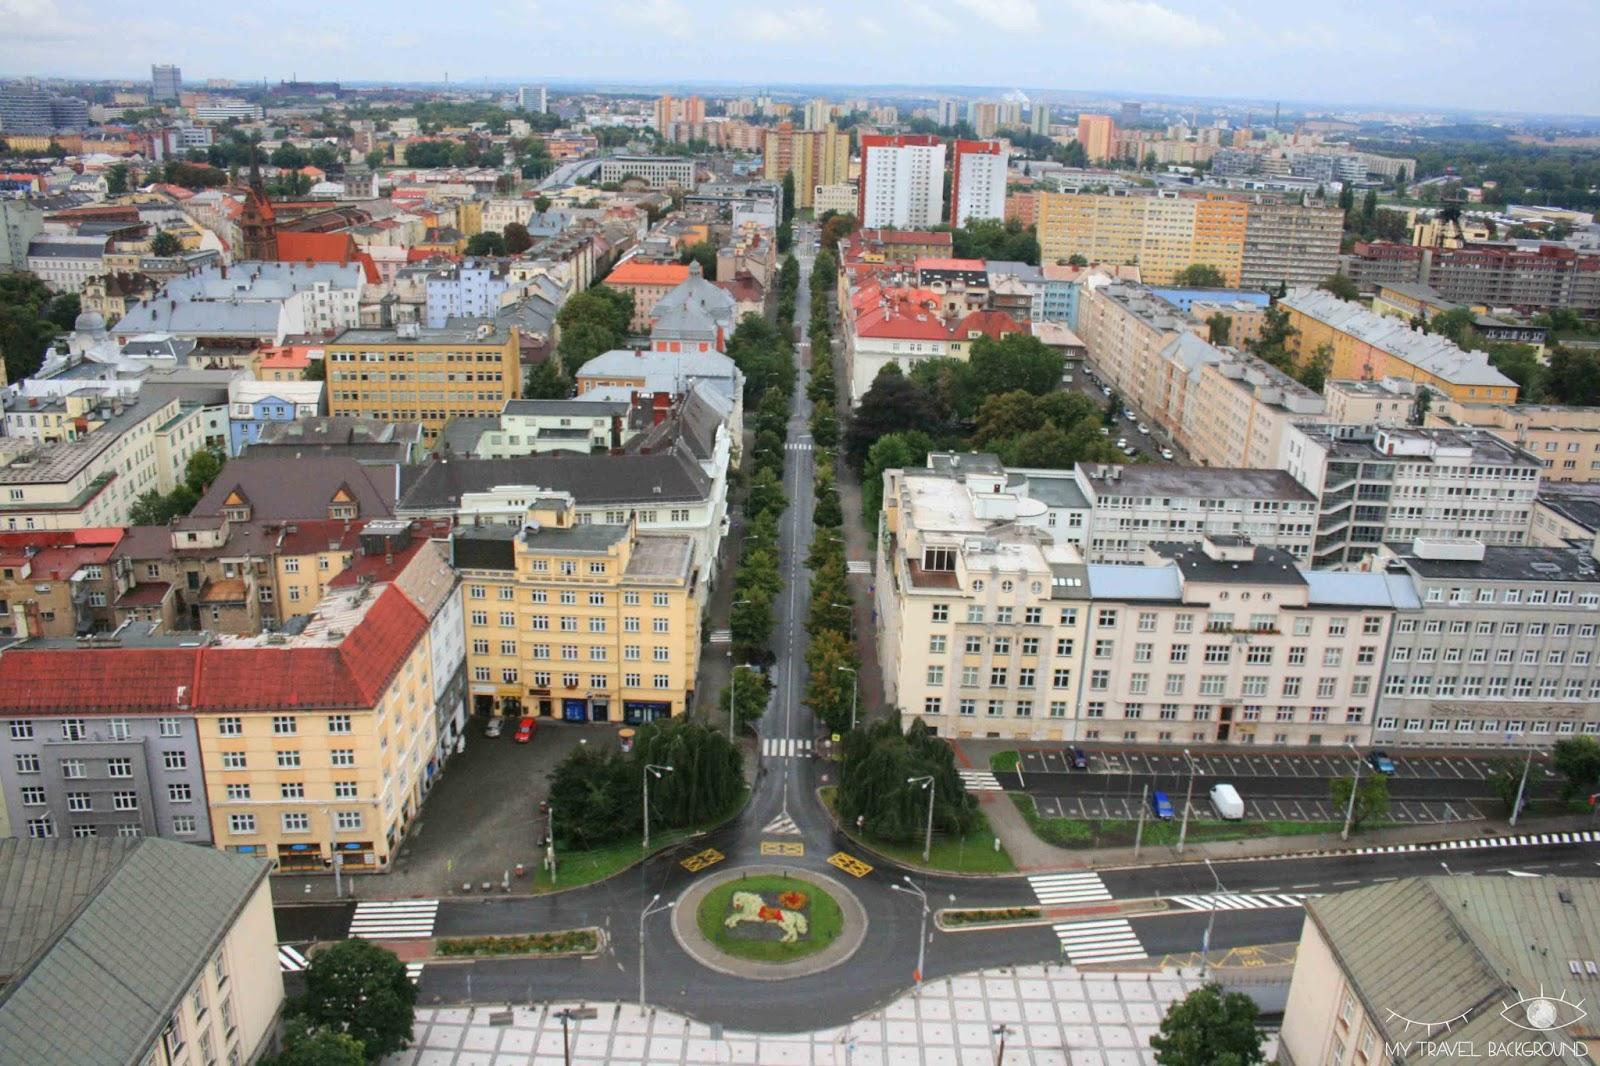 My Travel Background : cartes postales de République Tchèque - Ostrava